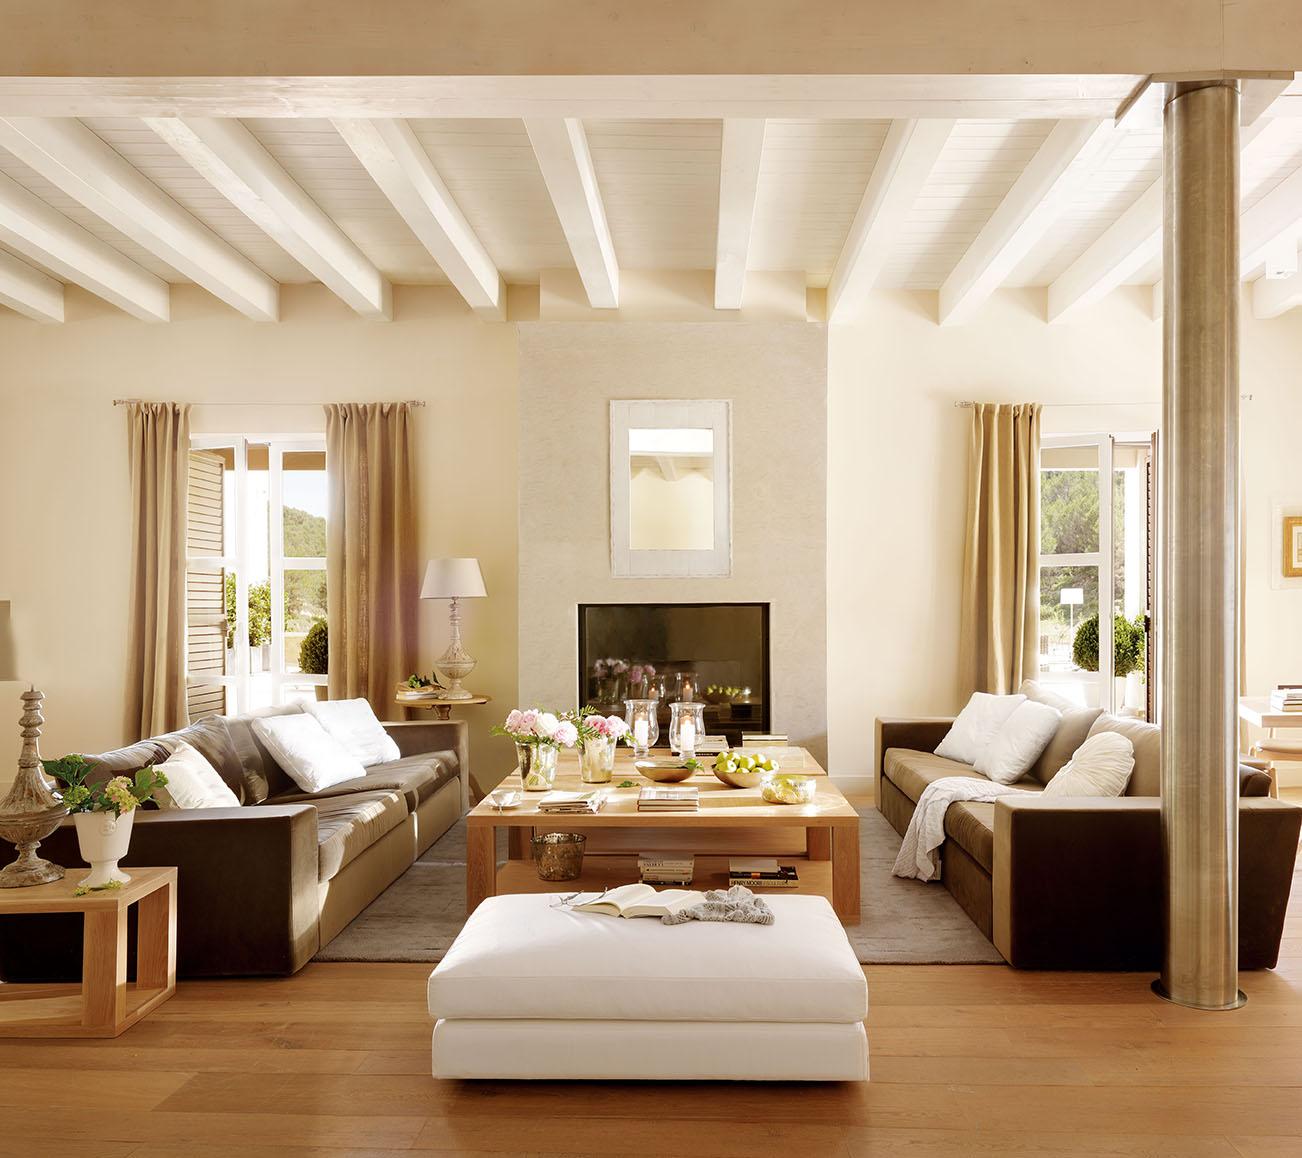 Fotos de una casa r stica por fuera y urbana por dentro - Casas de madera por dentro ...